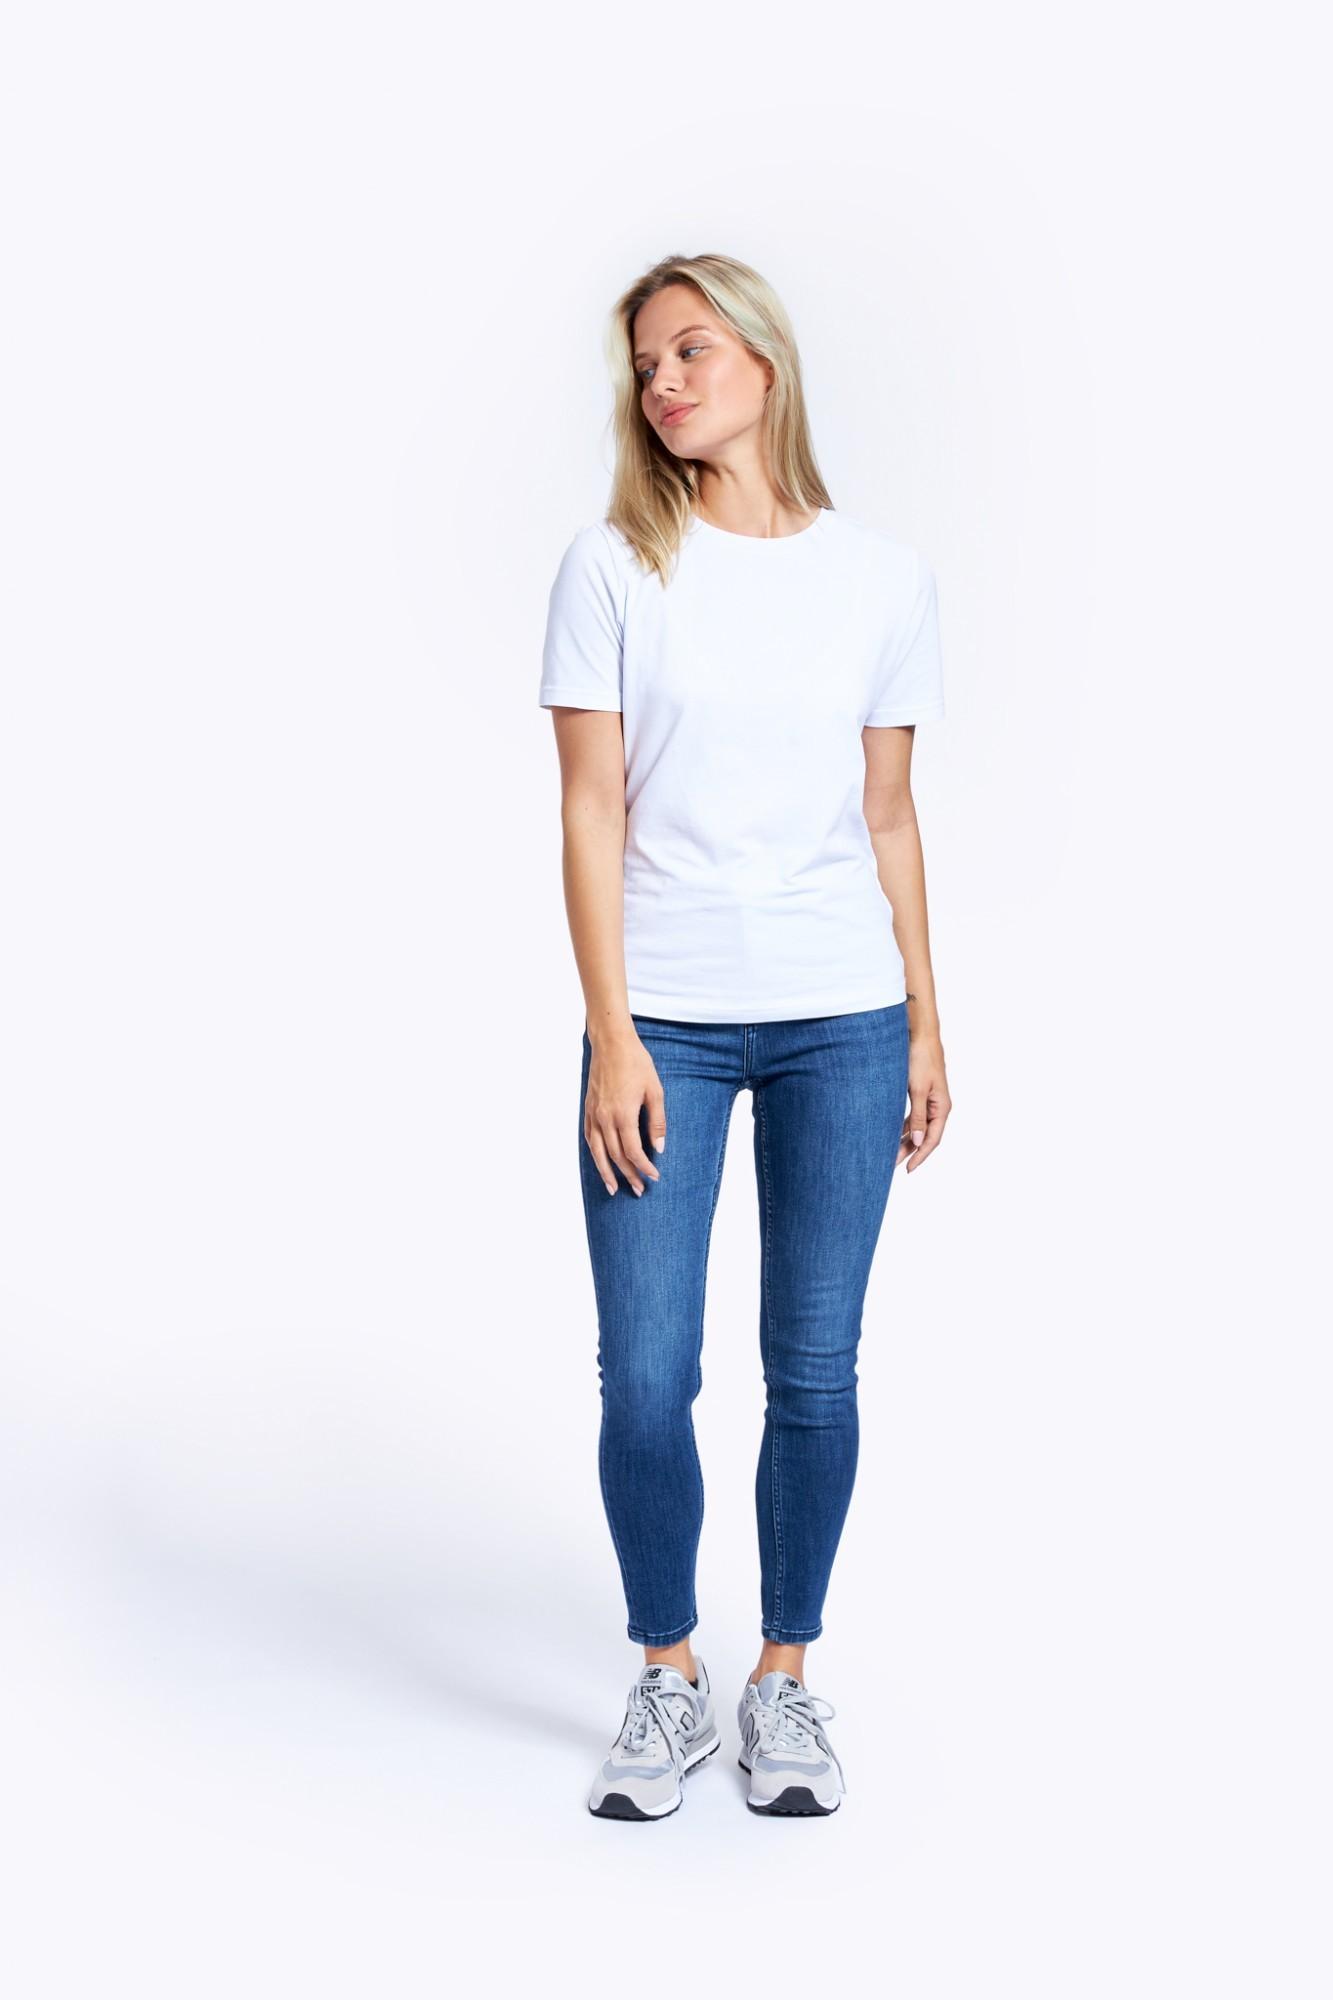 AUDIMAS Medvilniniai marškinėliai 2121-073 White XL